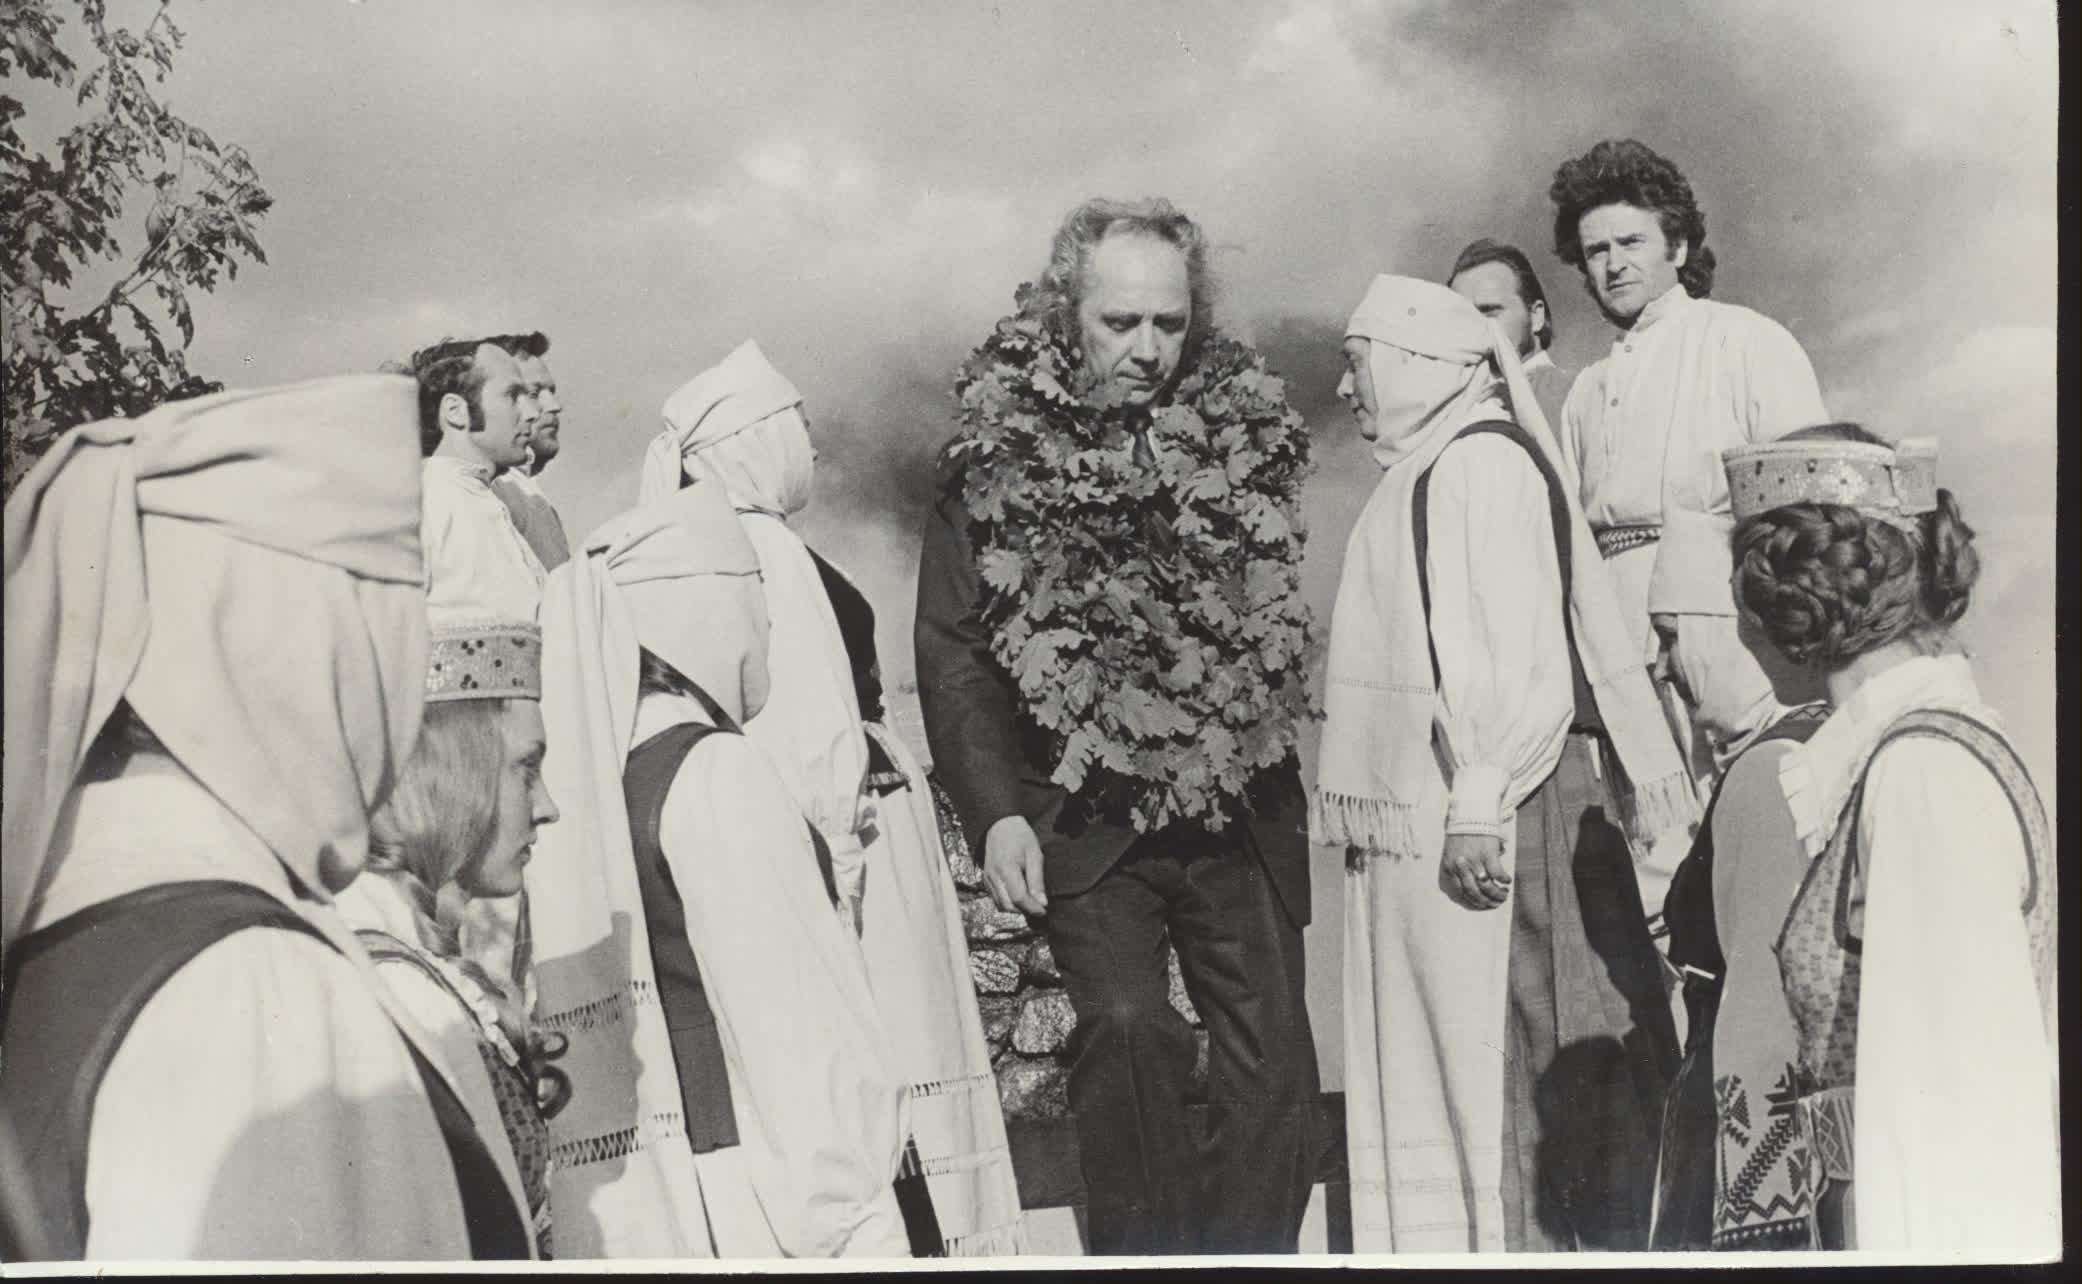 """Už knygą """"Vėjo vynas"""" V. Reimeris buvo išrinktas Poezijos pavasario laureatu. Palemonas, 1977 m. A. Kairio nuotrauka"""